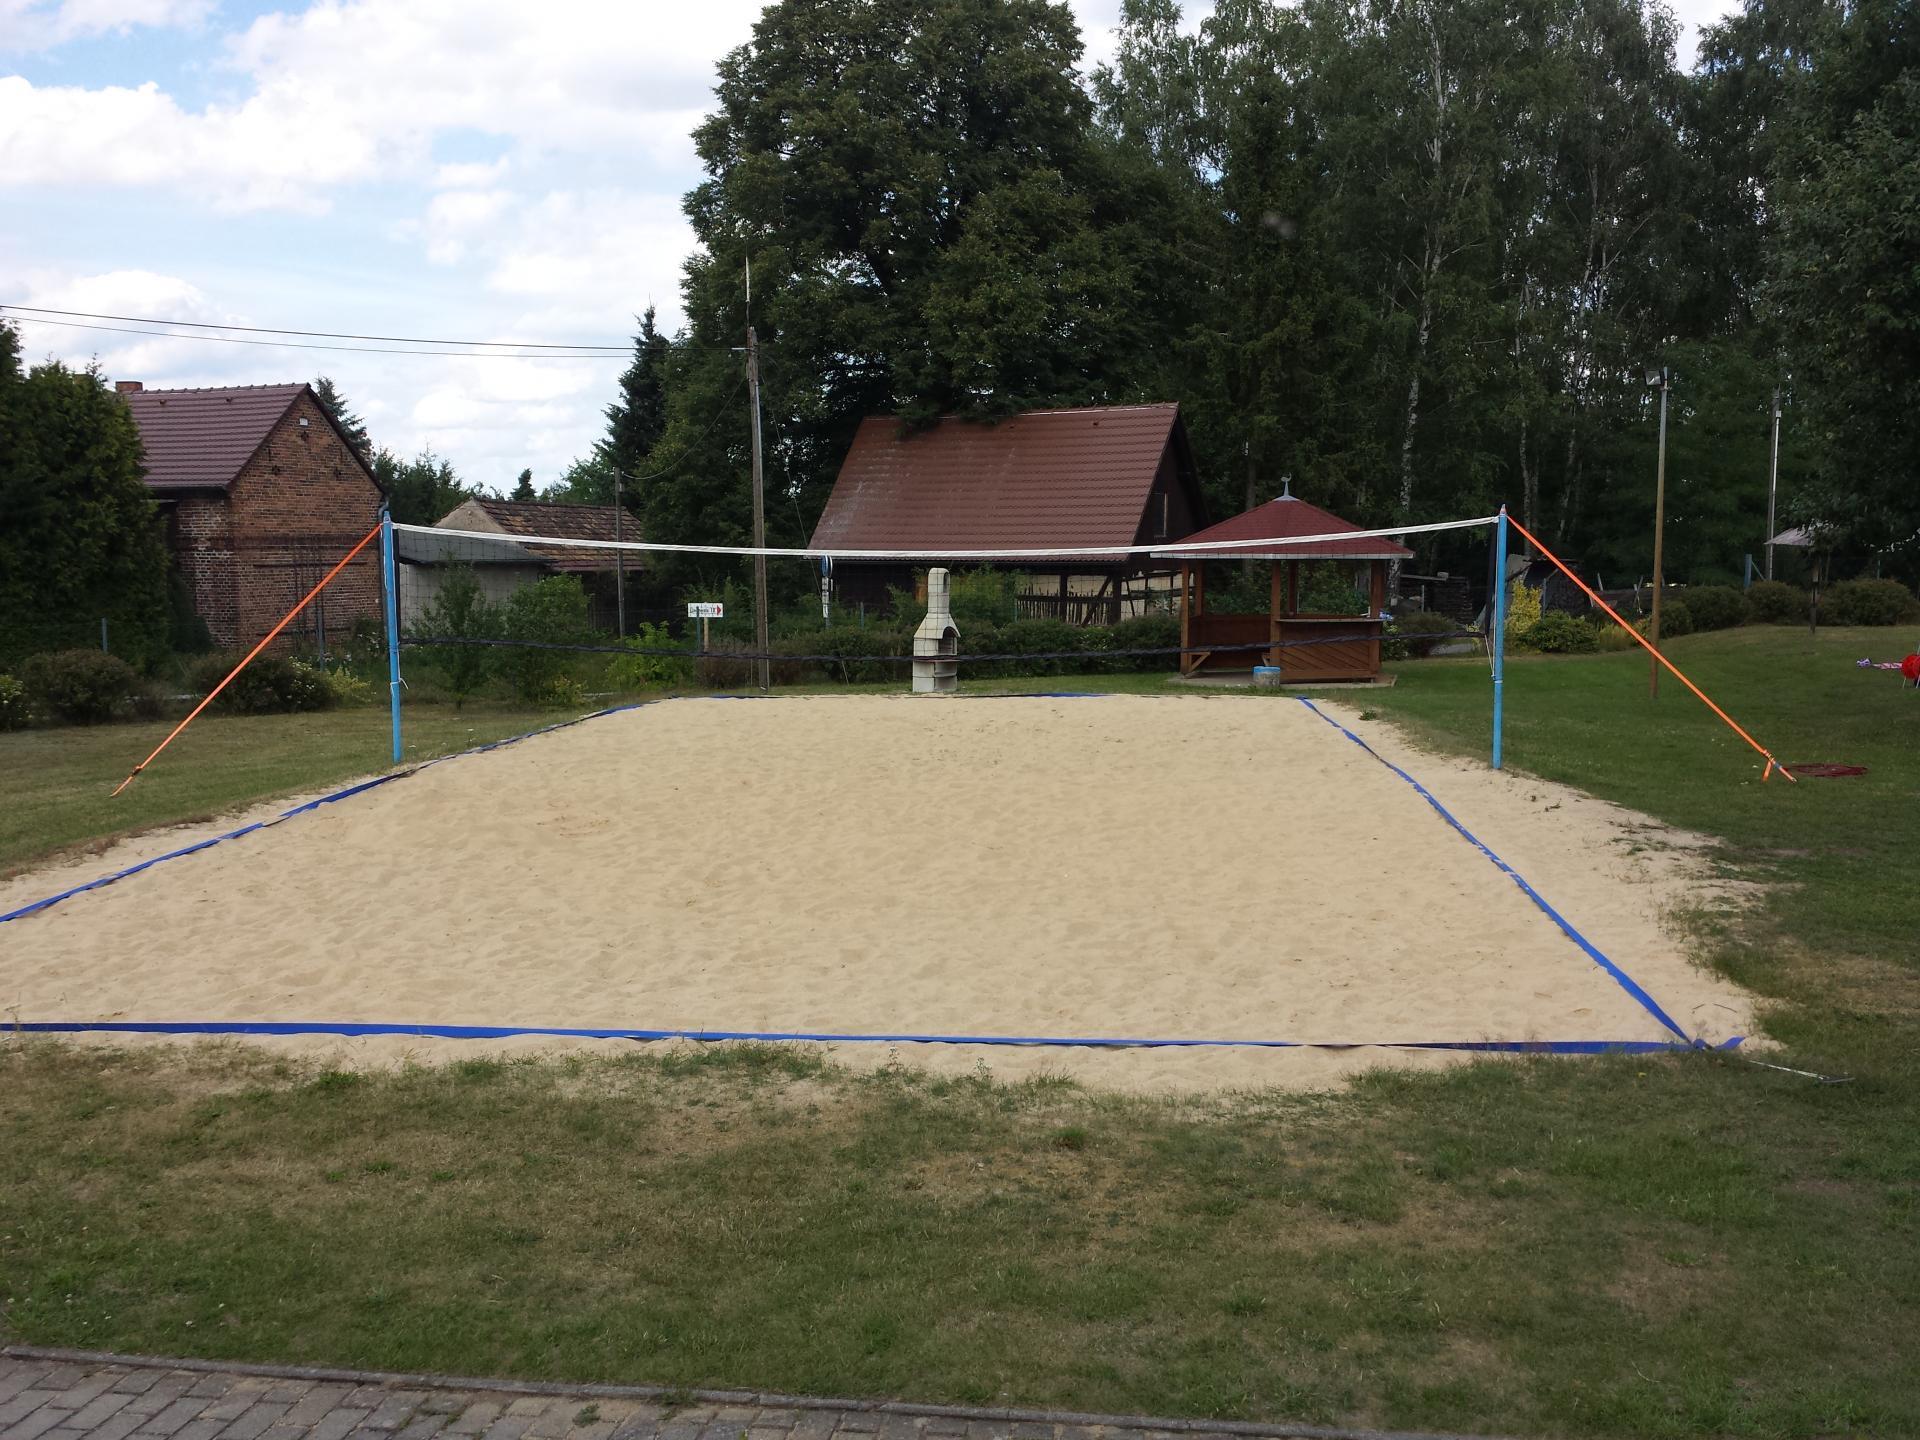 Volleyballplatz1